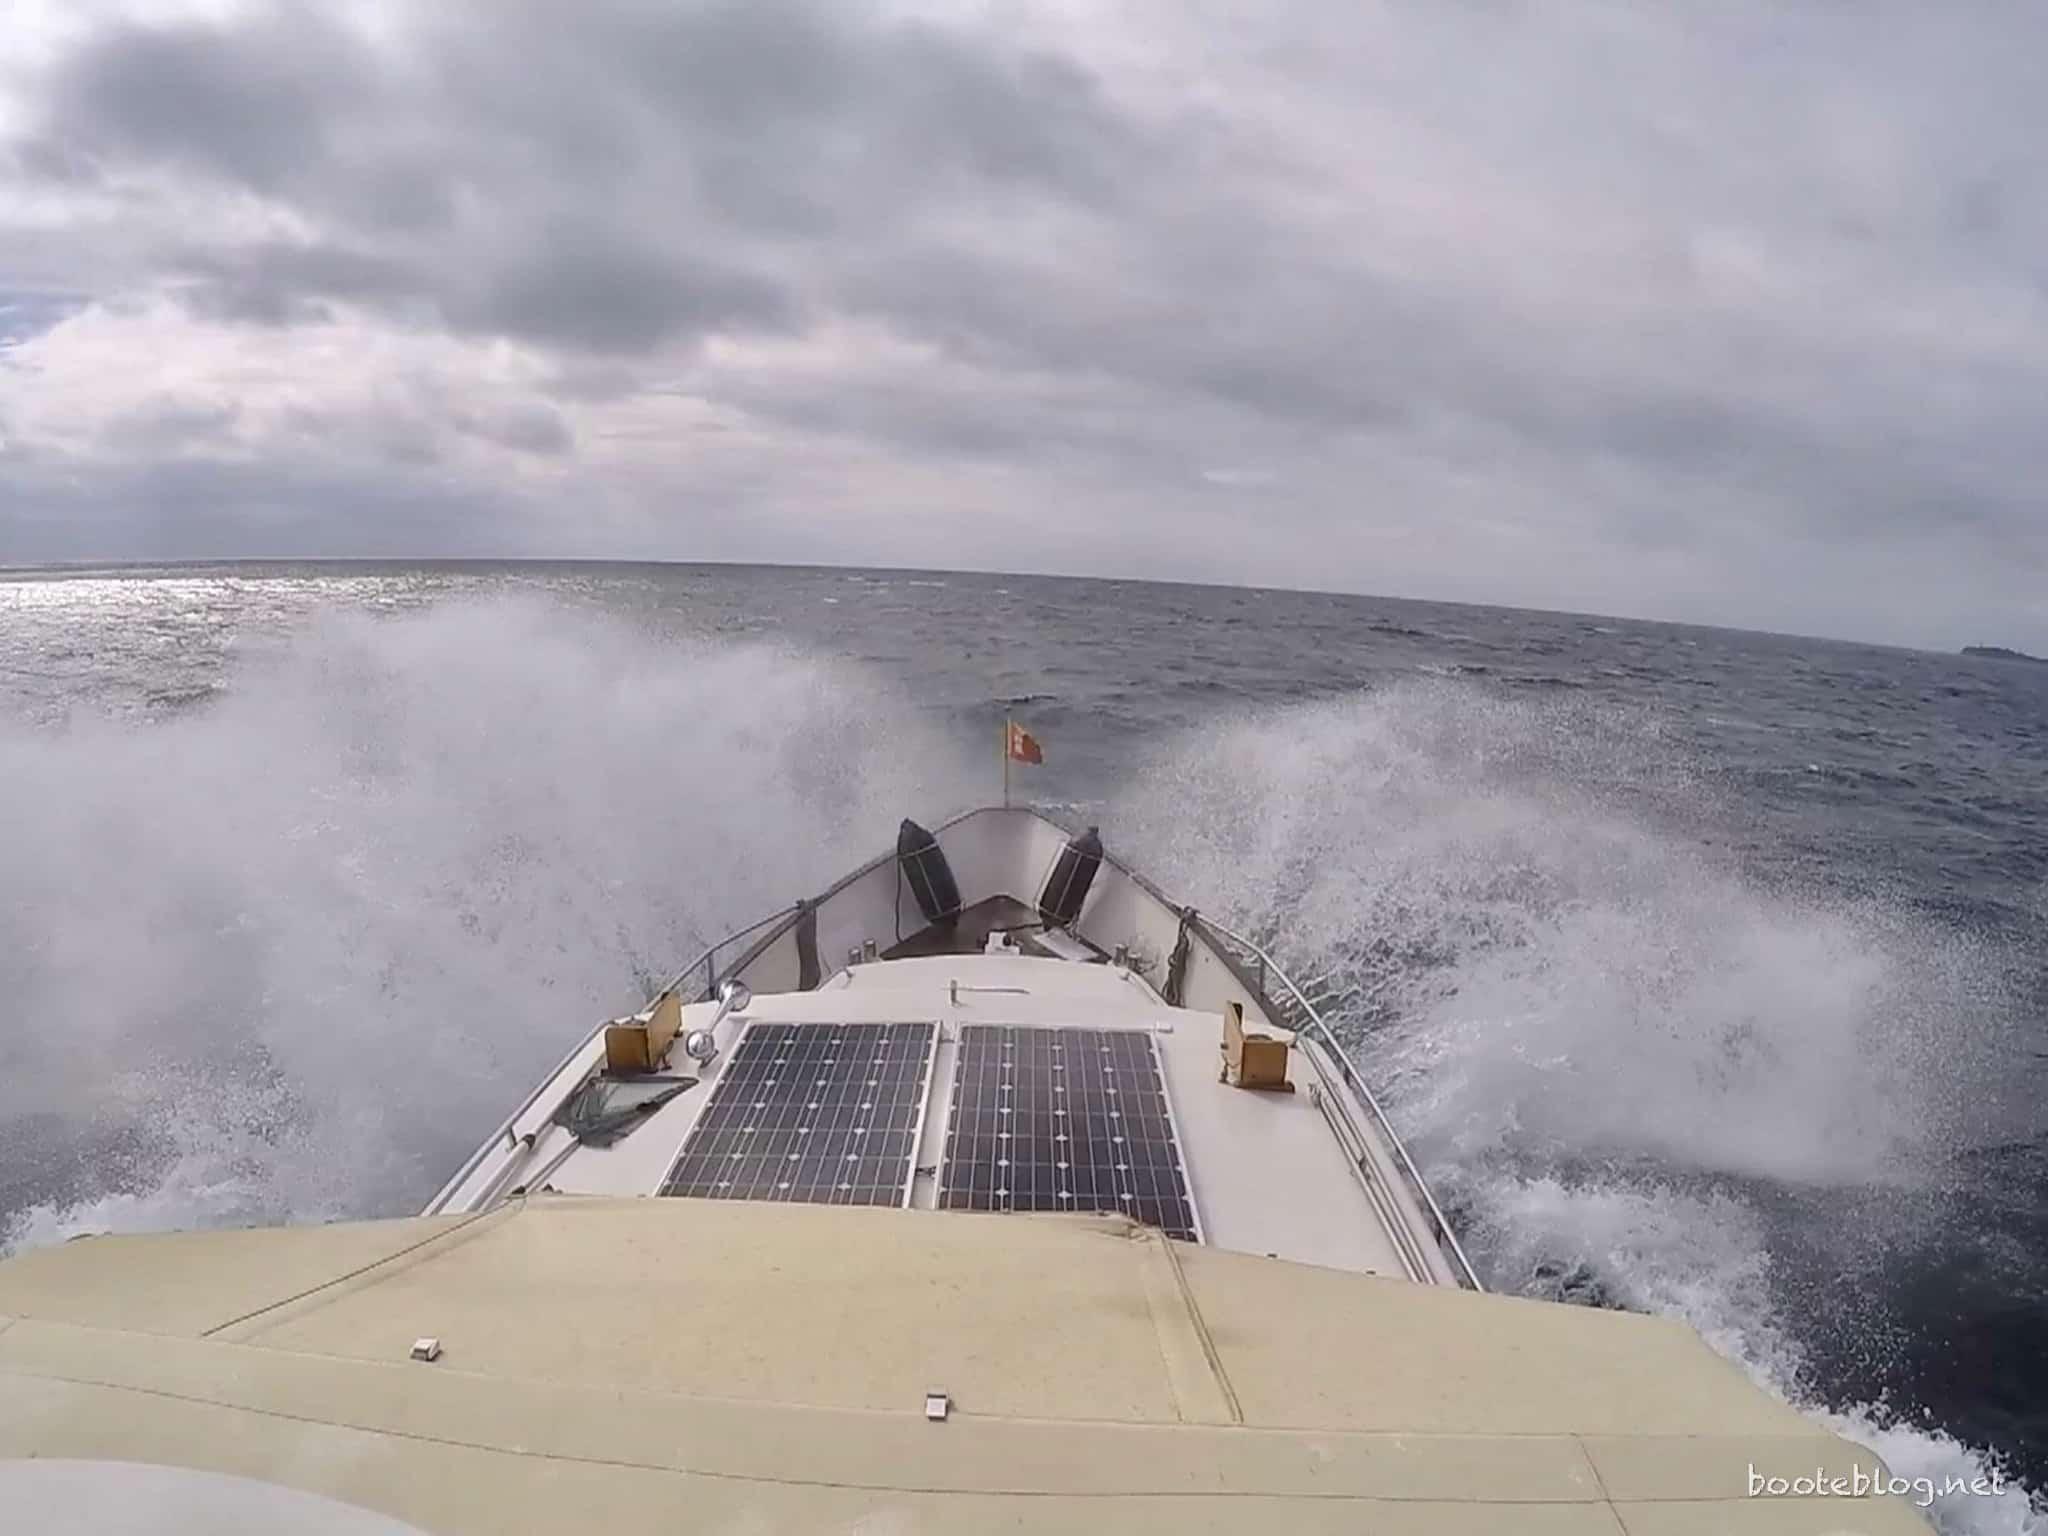 Unterwegs bei viel Wind und Welle: Ein Boot Stabilisator kann hier helfen.